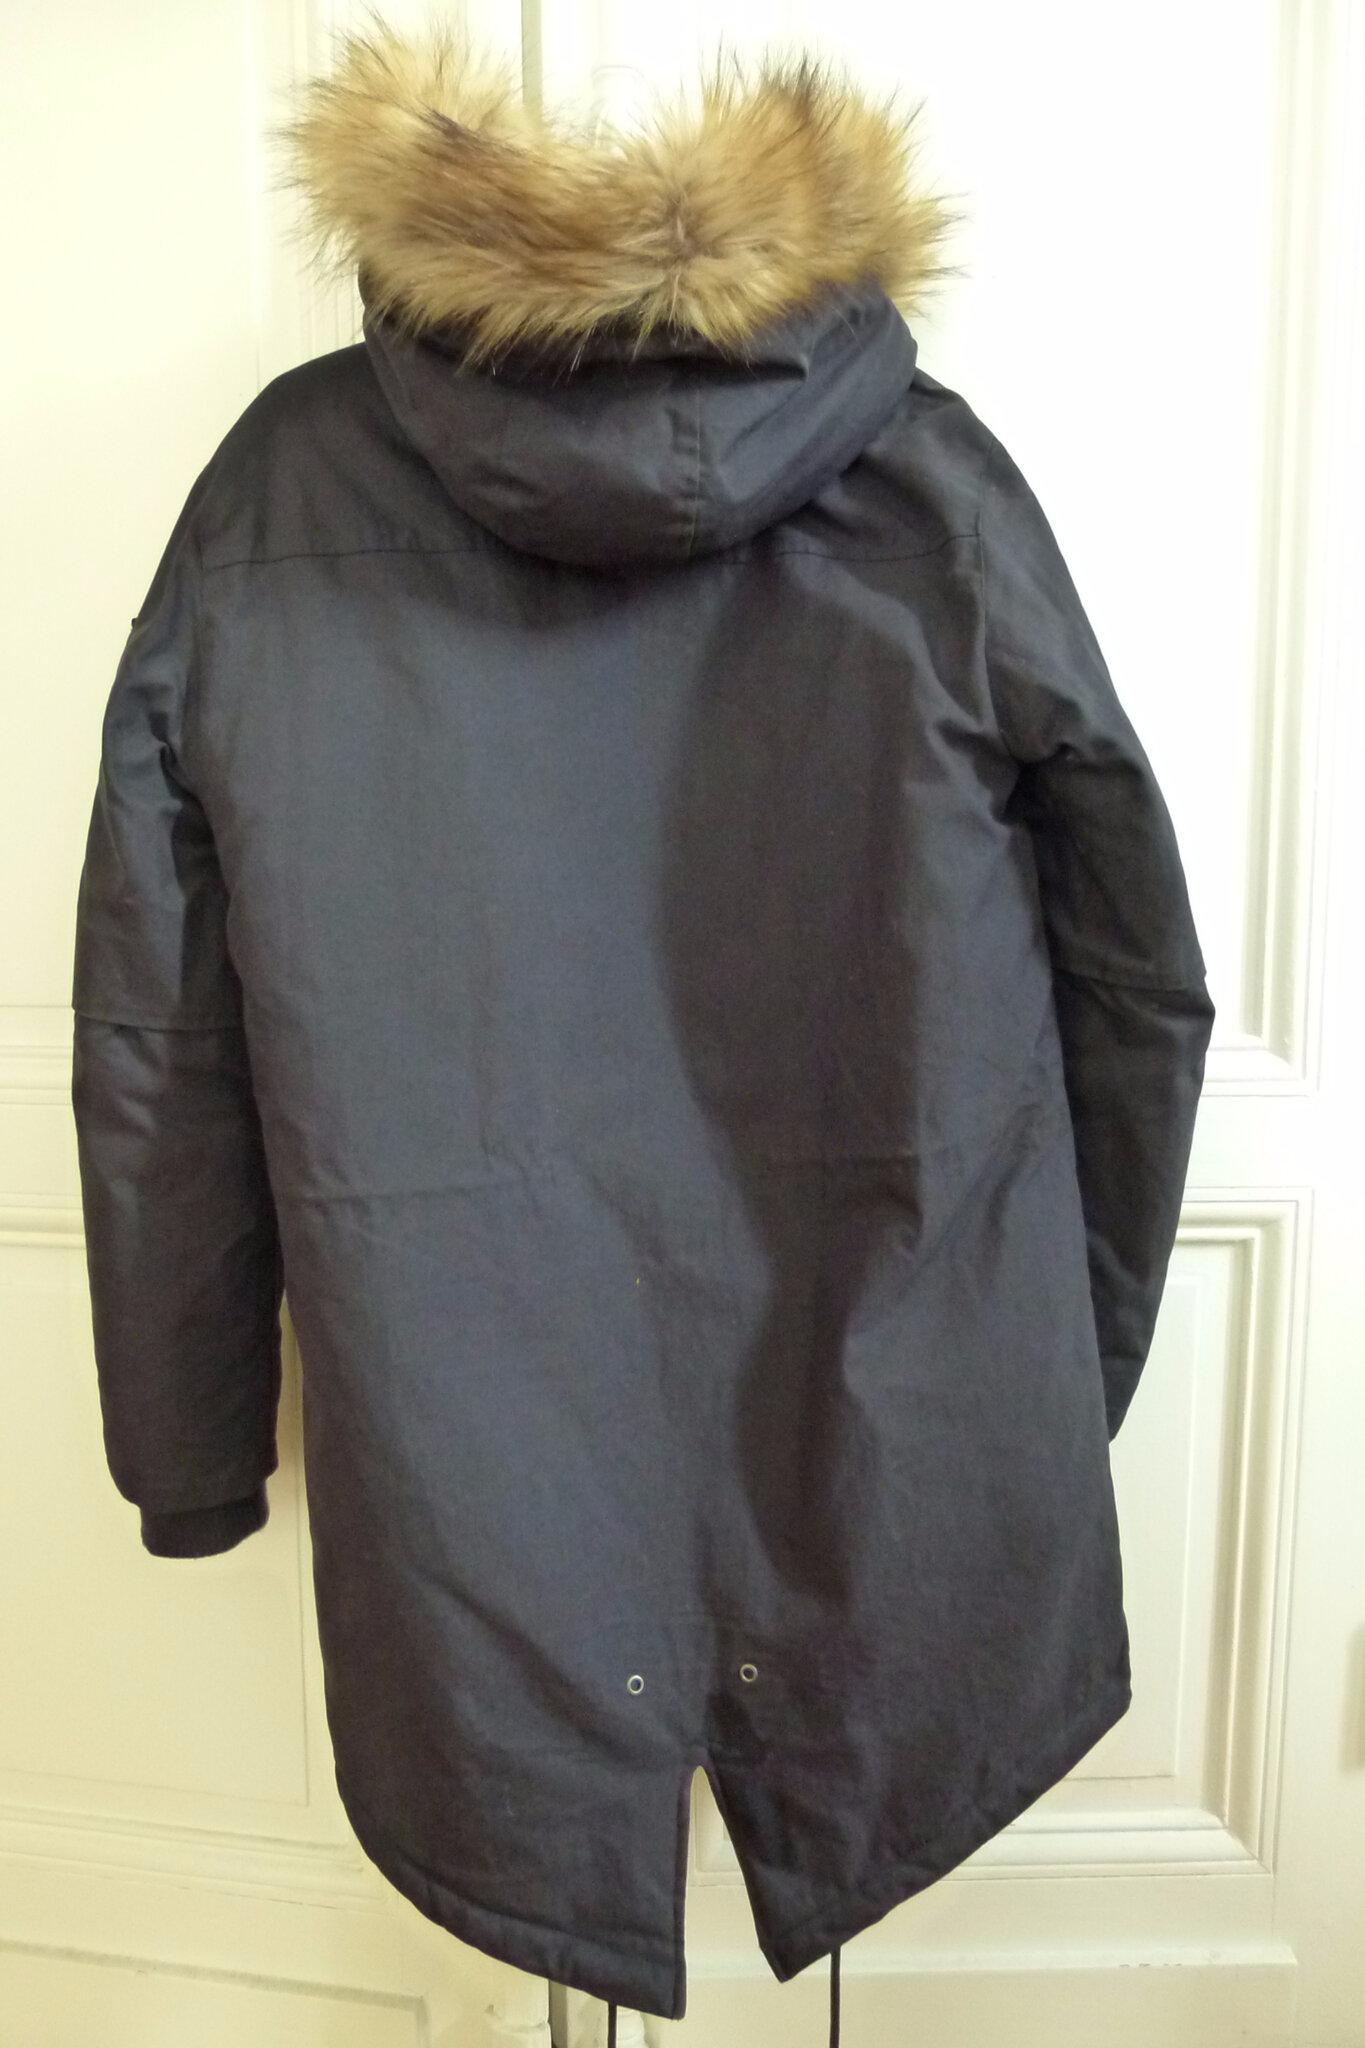 sélection premium b694e c0ed5 Beau manteau homme Bershka - Le vide dressing des copines